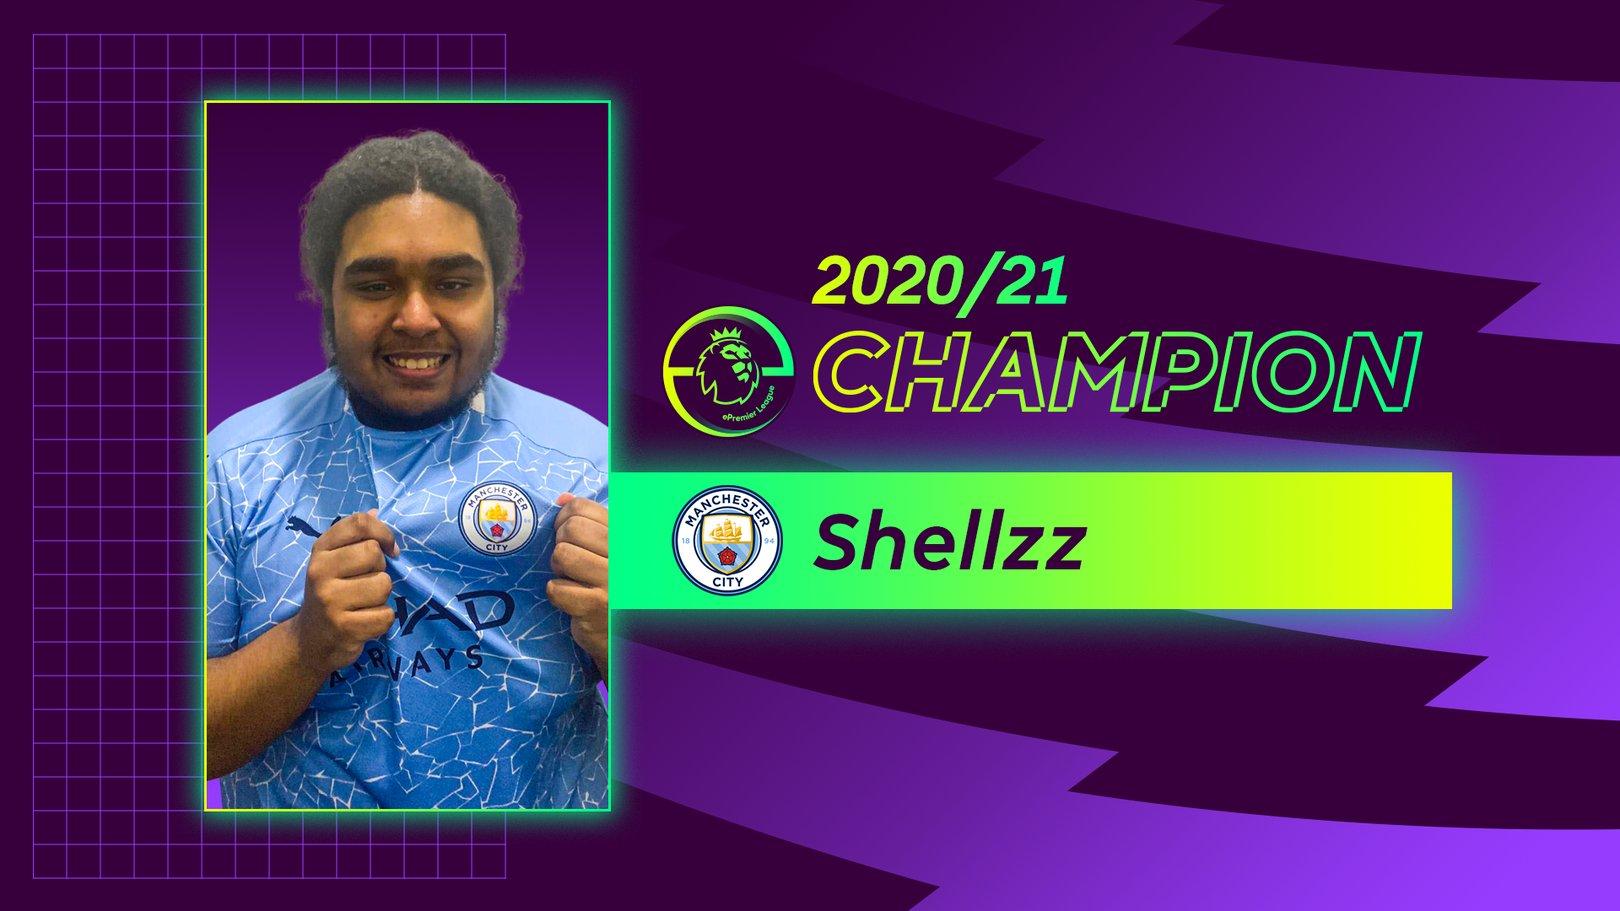 Shellzz wins 2020/21 ePremier League   title for City